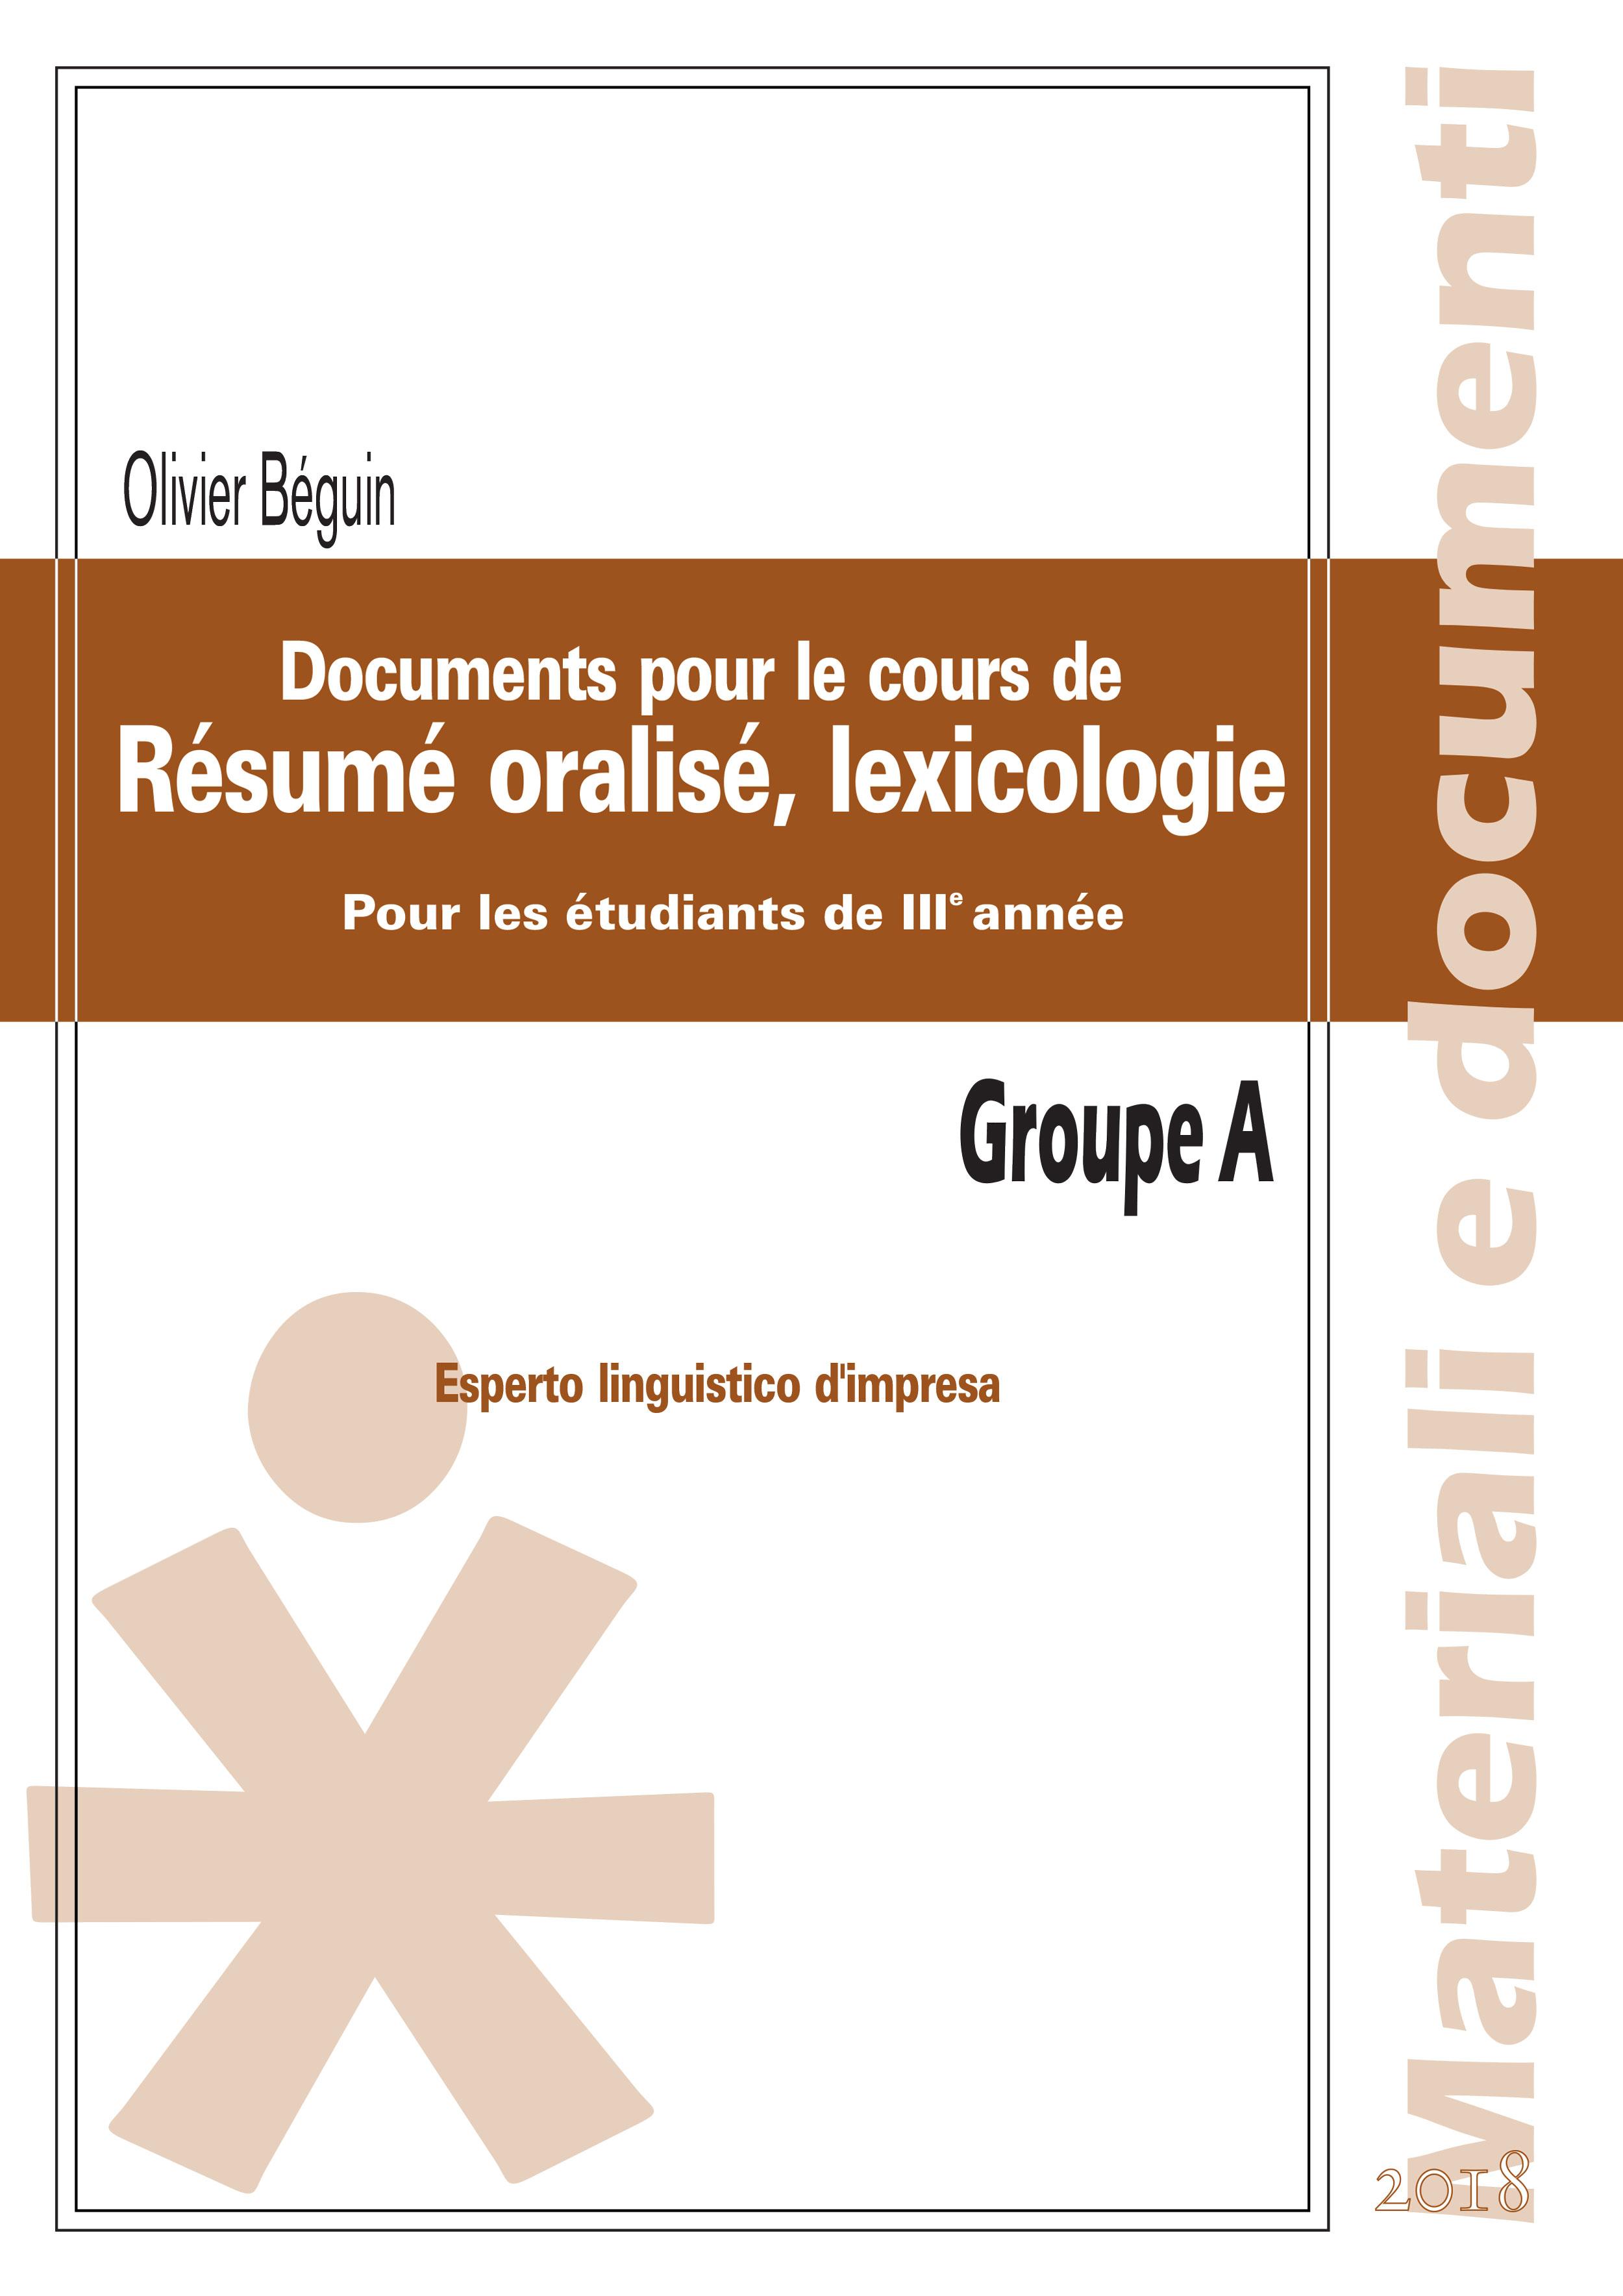 RESUME ORALISE, LEXICOLOGIE POUR LES ETUDIANTS DE III ANNEE GROUPE A